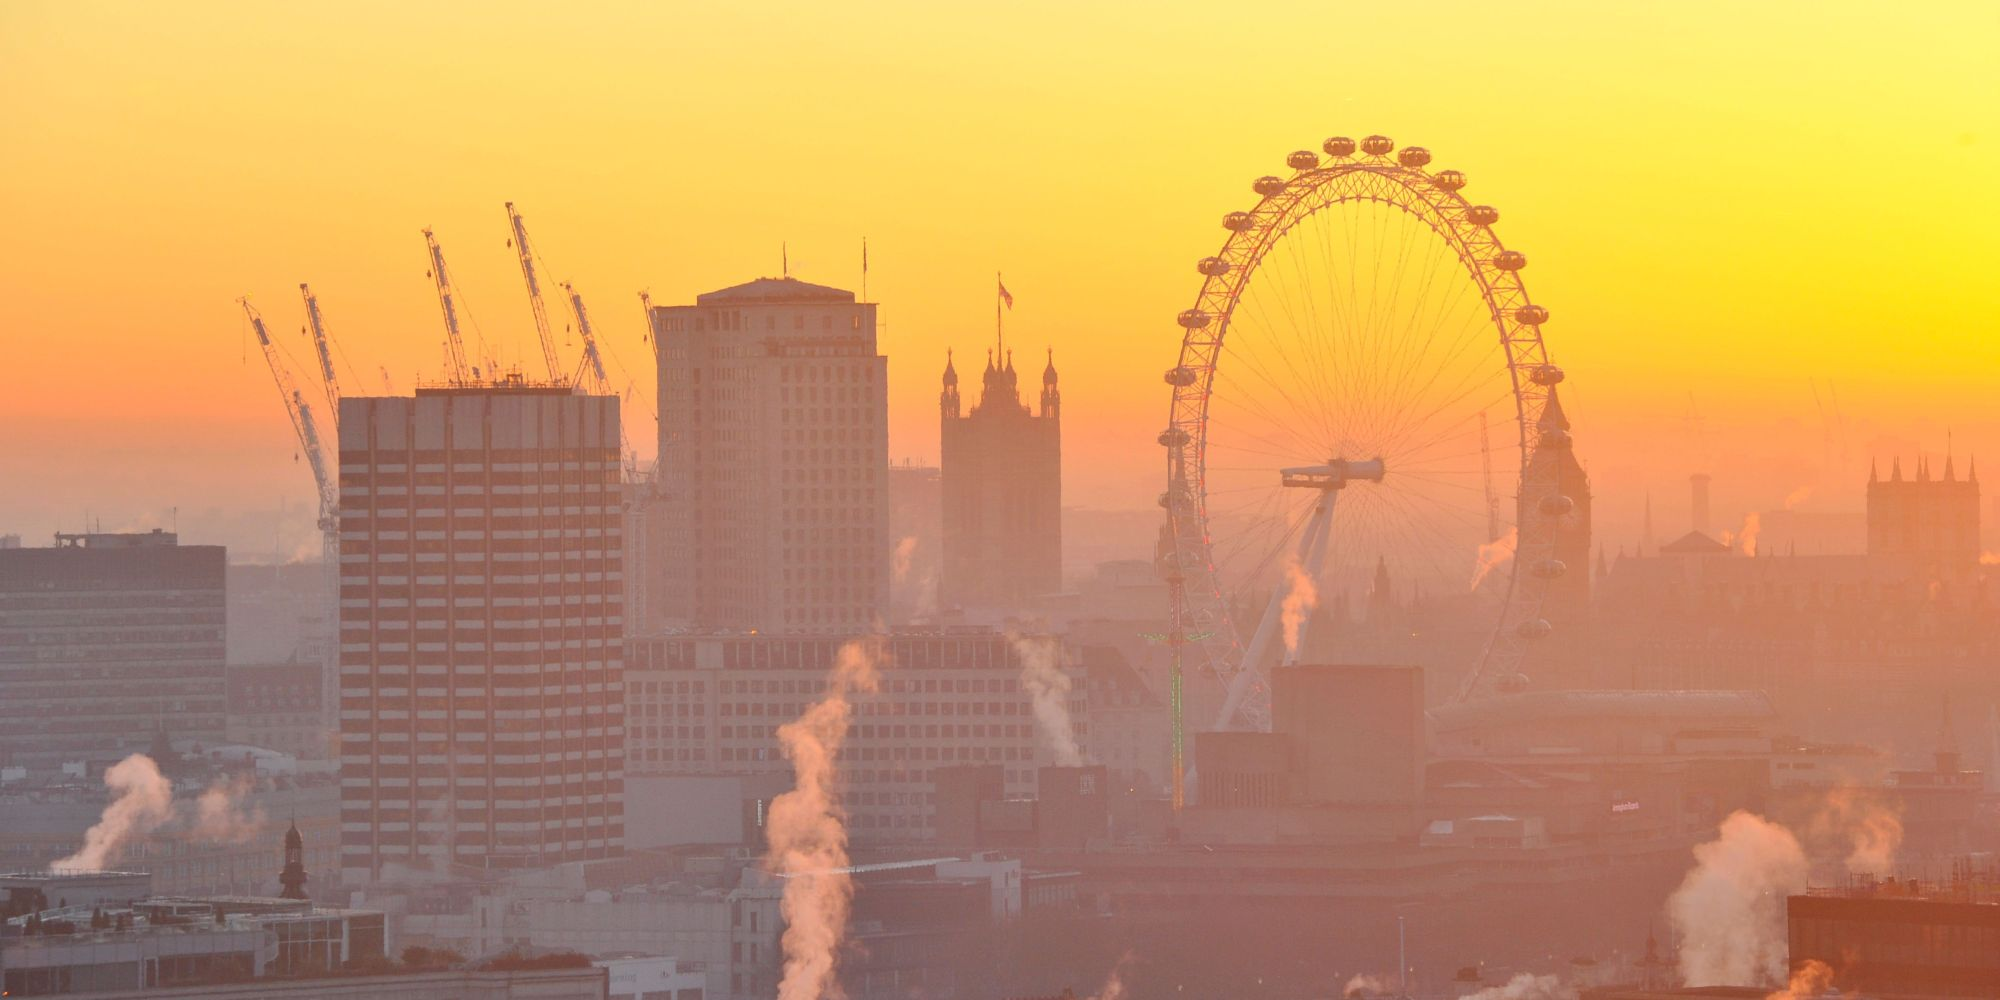 كم ستبلغ درجة حرارة مدينتك بحلول سنة 2100؟.. إليك أبرز الدول التي ستشهد تغييراً جذرياً في مناخها